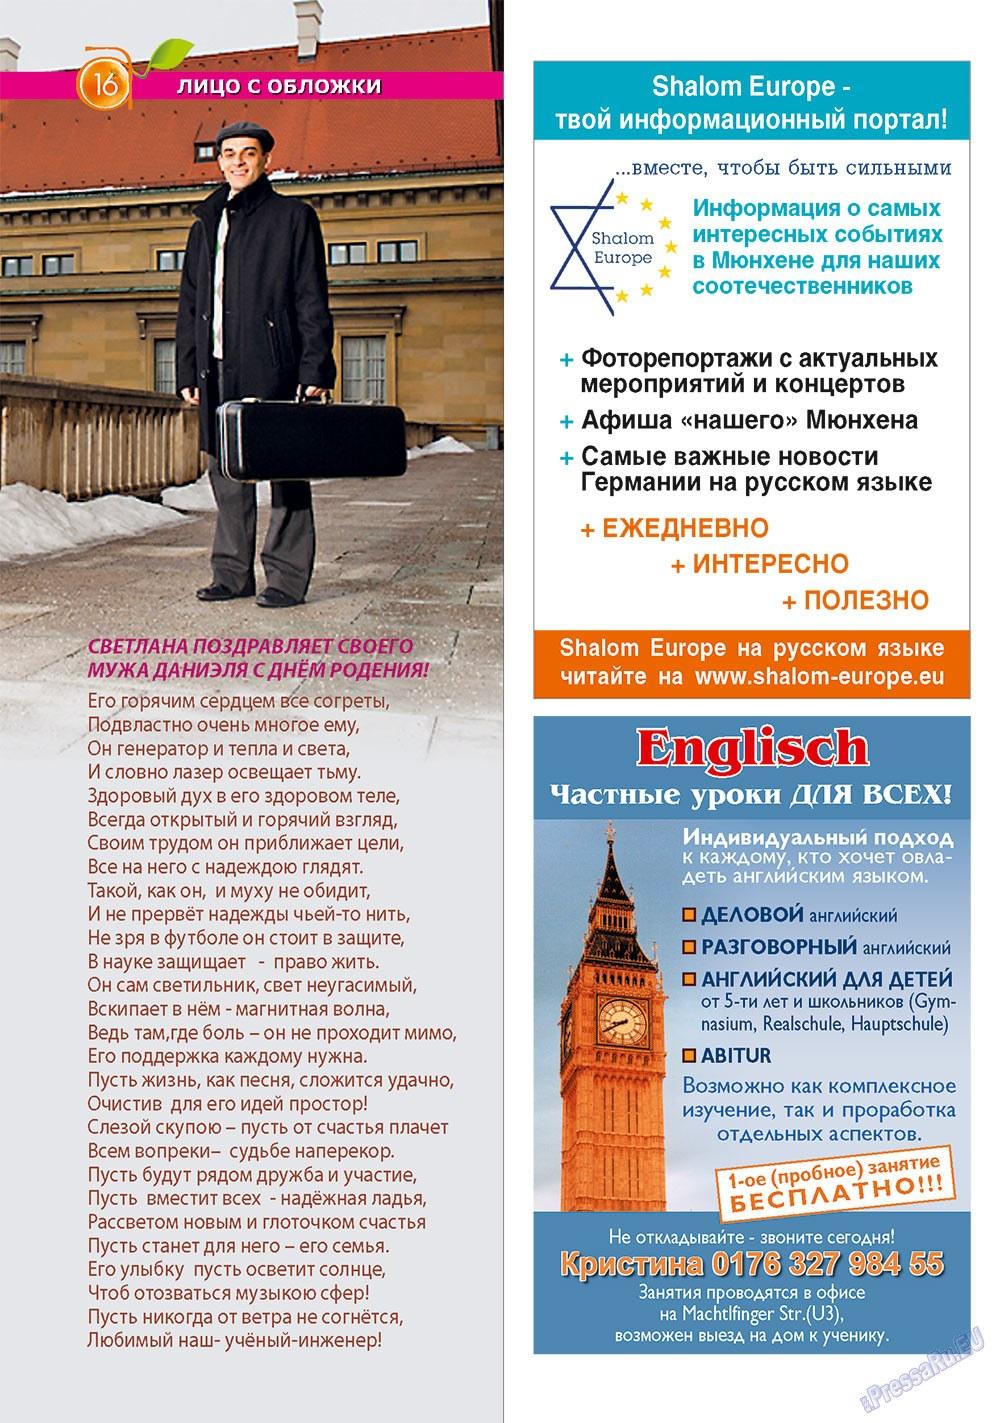 Апельсин (журнал). 2012 год, номер 41, стр. 16